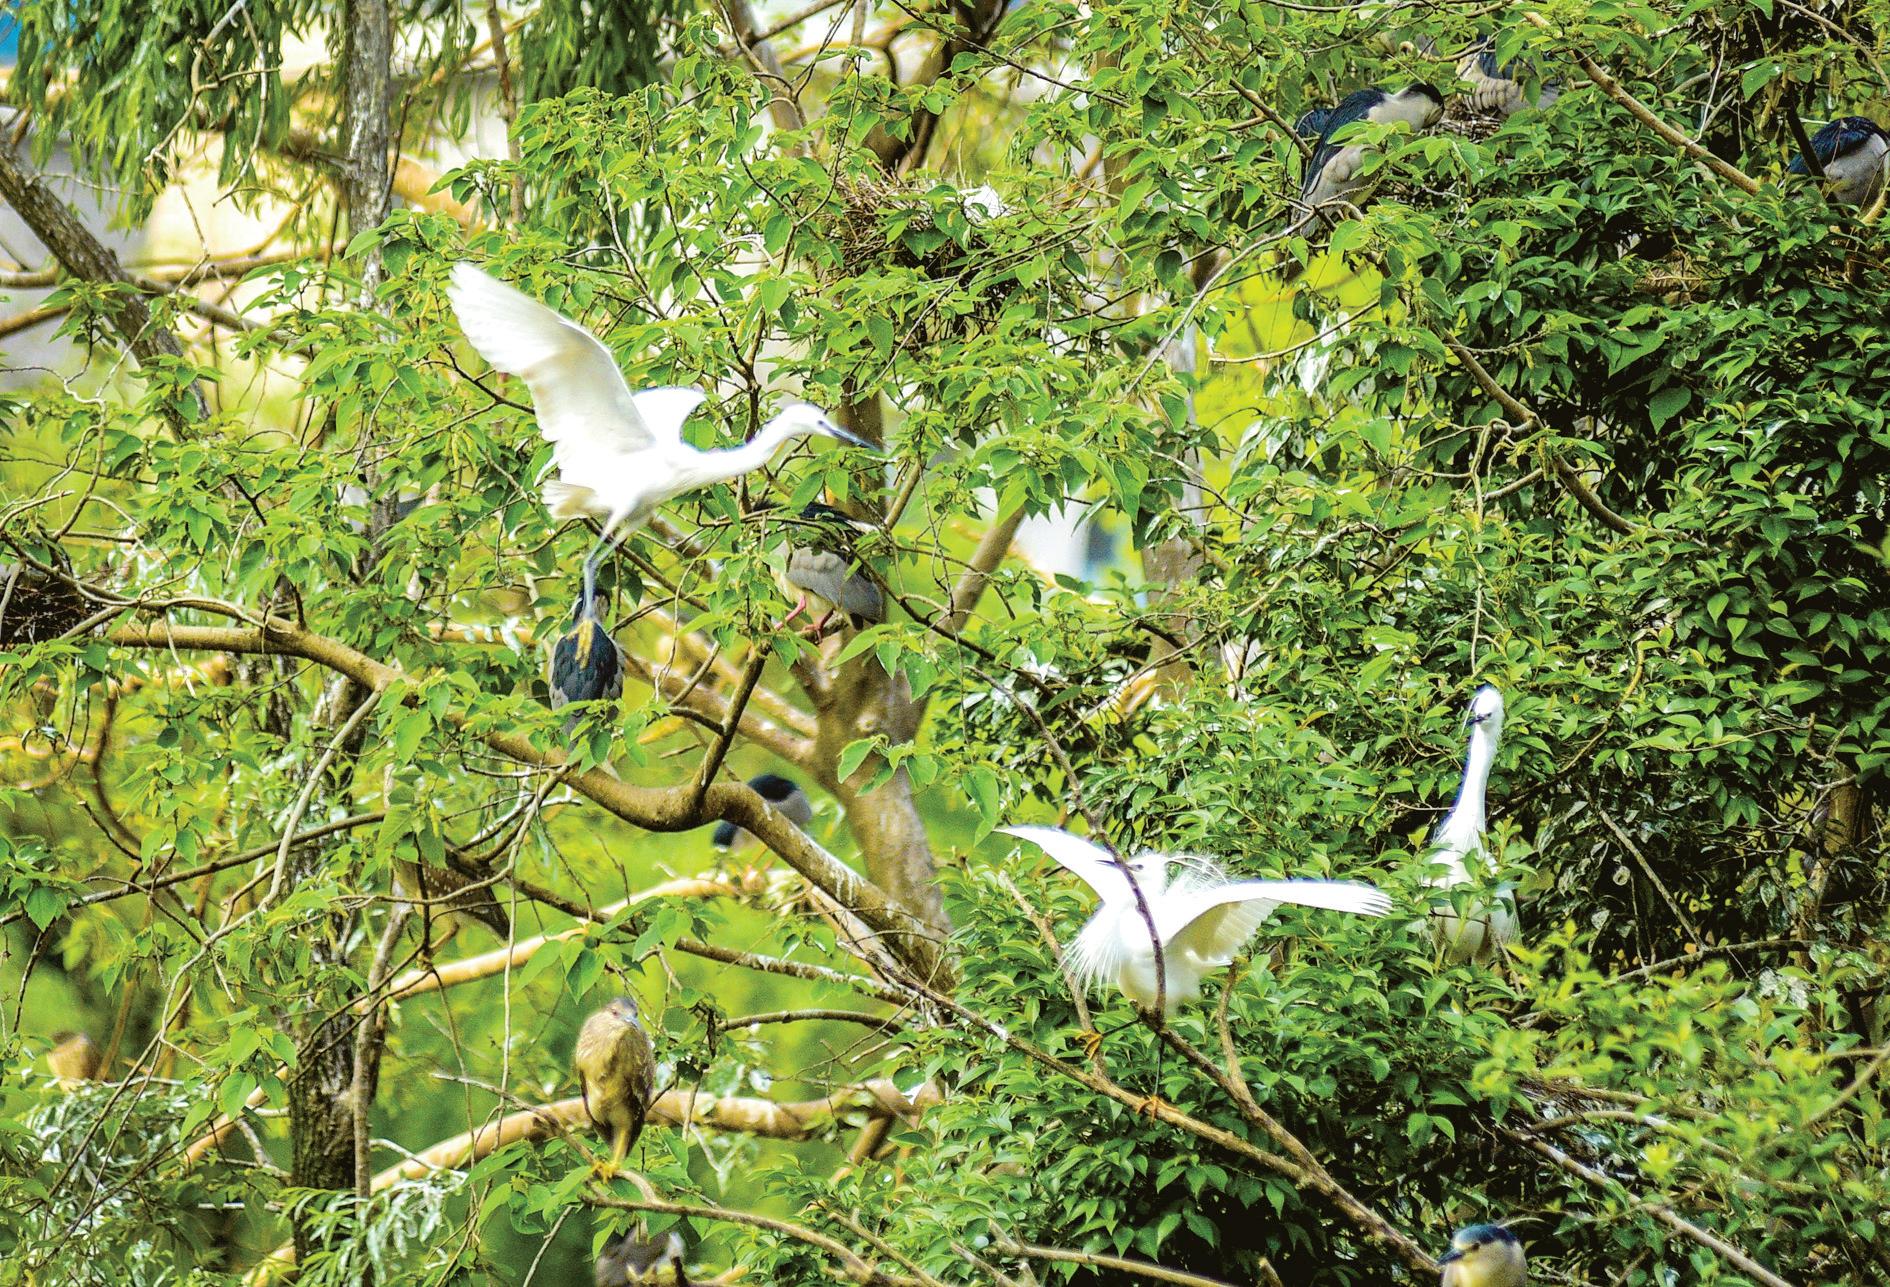 義烏環境日益改善 公園鳥兒增多